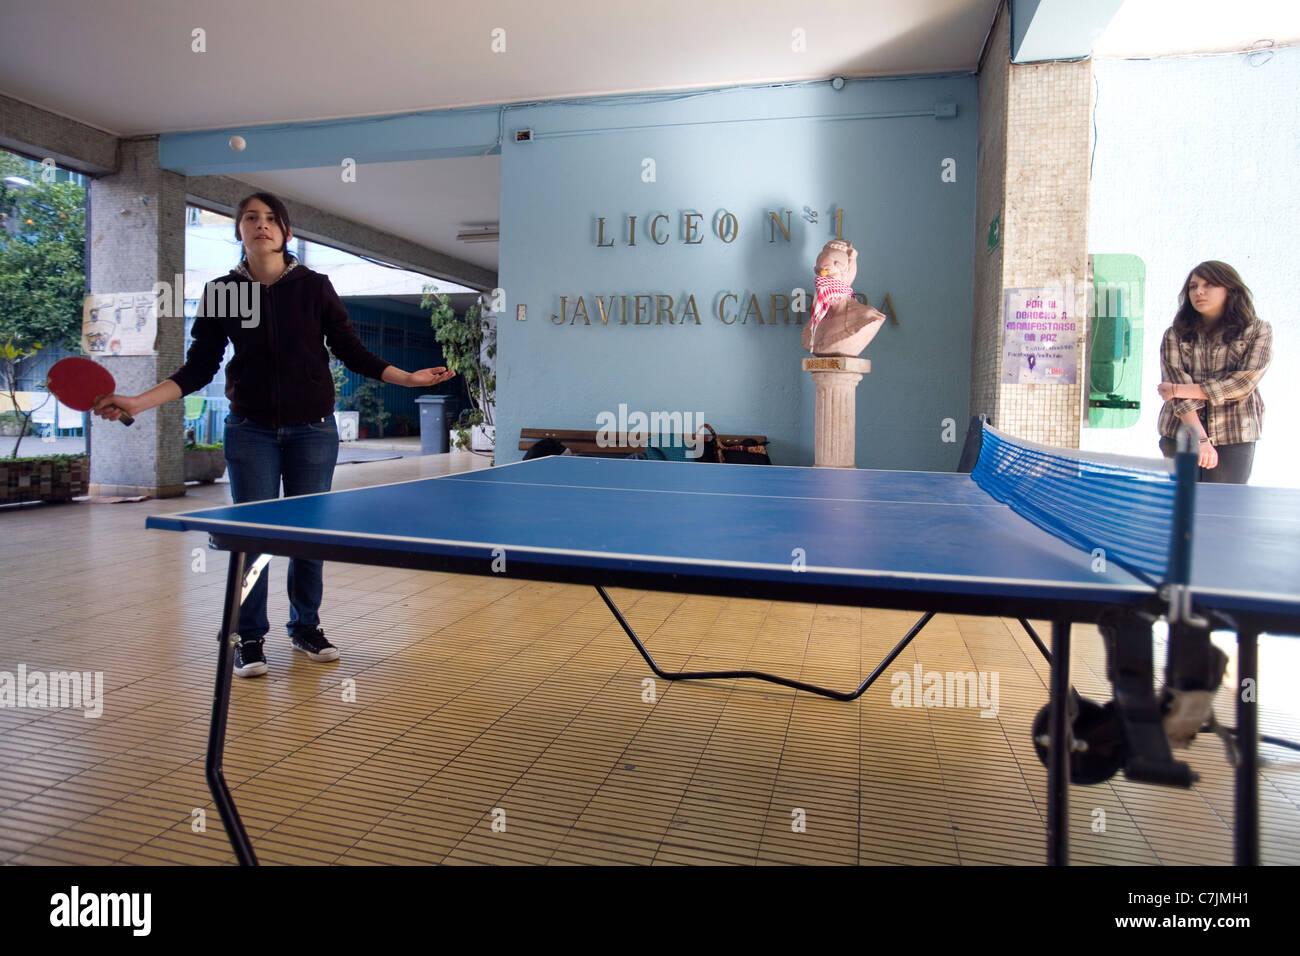 """Los jóvenes estudiantes jugando al tenis de mesa en los territorios Liceo Nº1 """"Javiera Carrera"""" Imagen De Stock"""